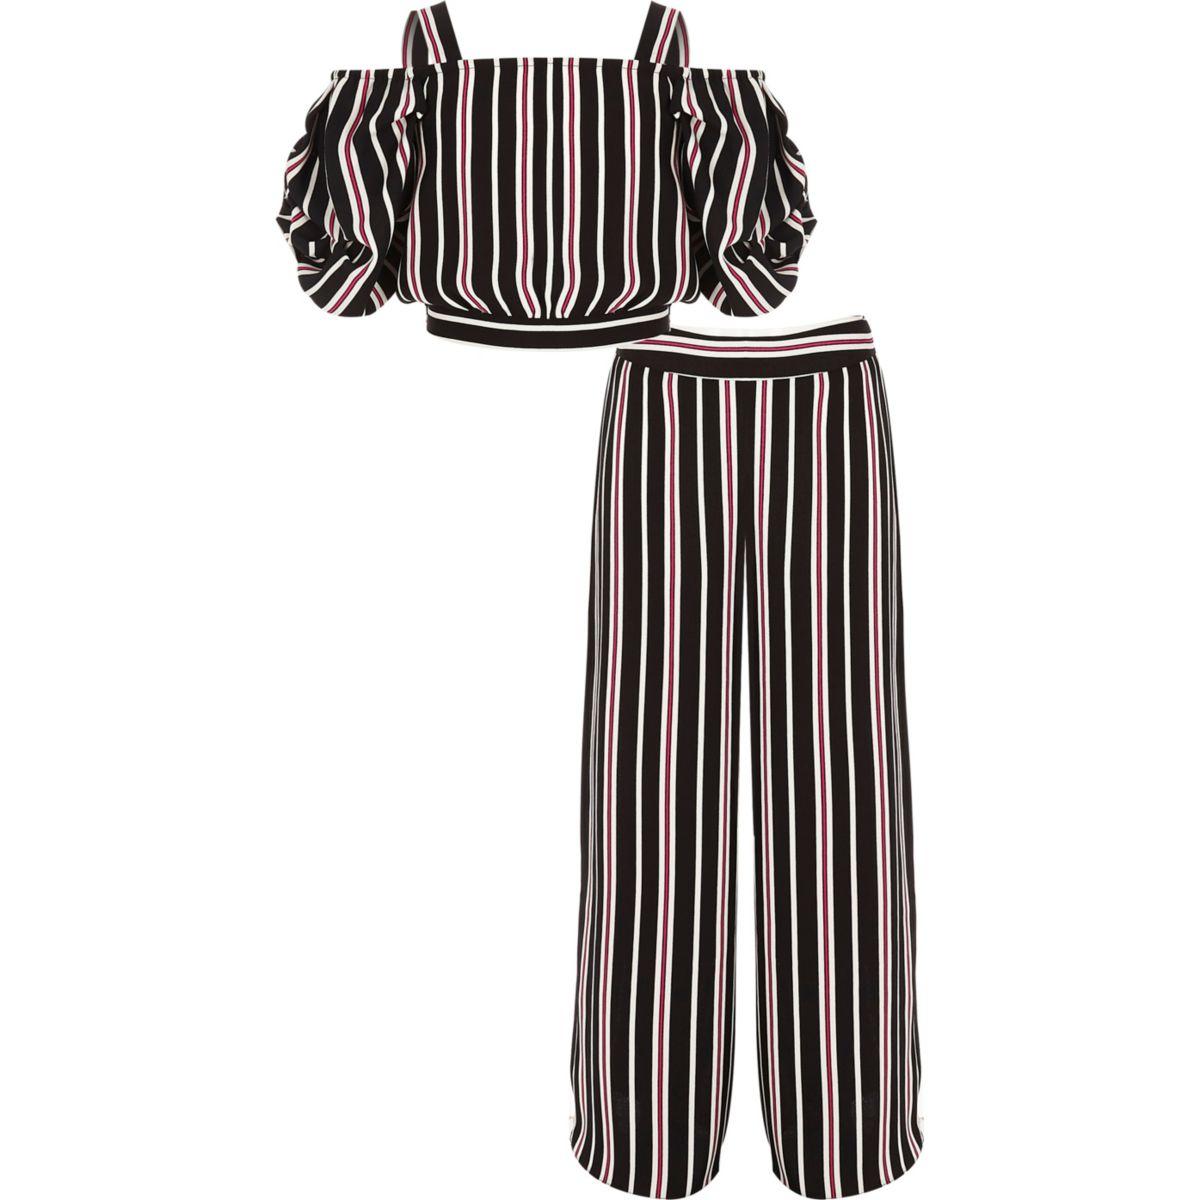 Outfit mit Hose mit weitem Beinschnitt und gestreiftem Oberteil